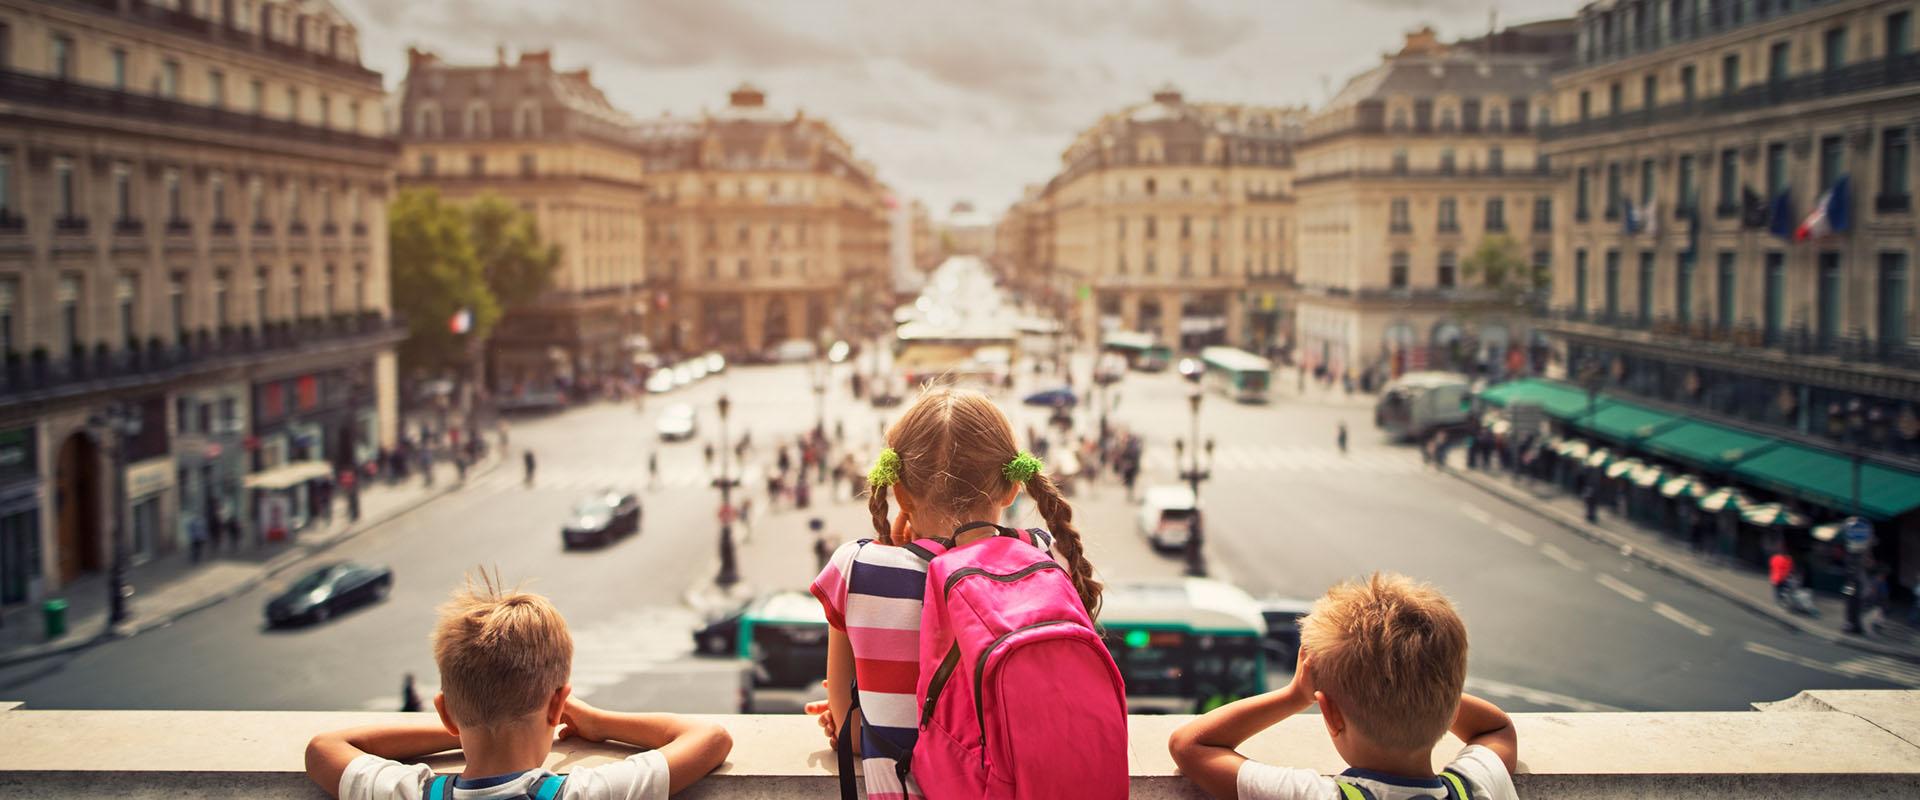 Vacances scolaires en france 2019 et 2020 - Les vacances de la toussaint 2020 ...